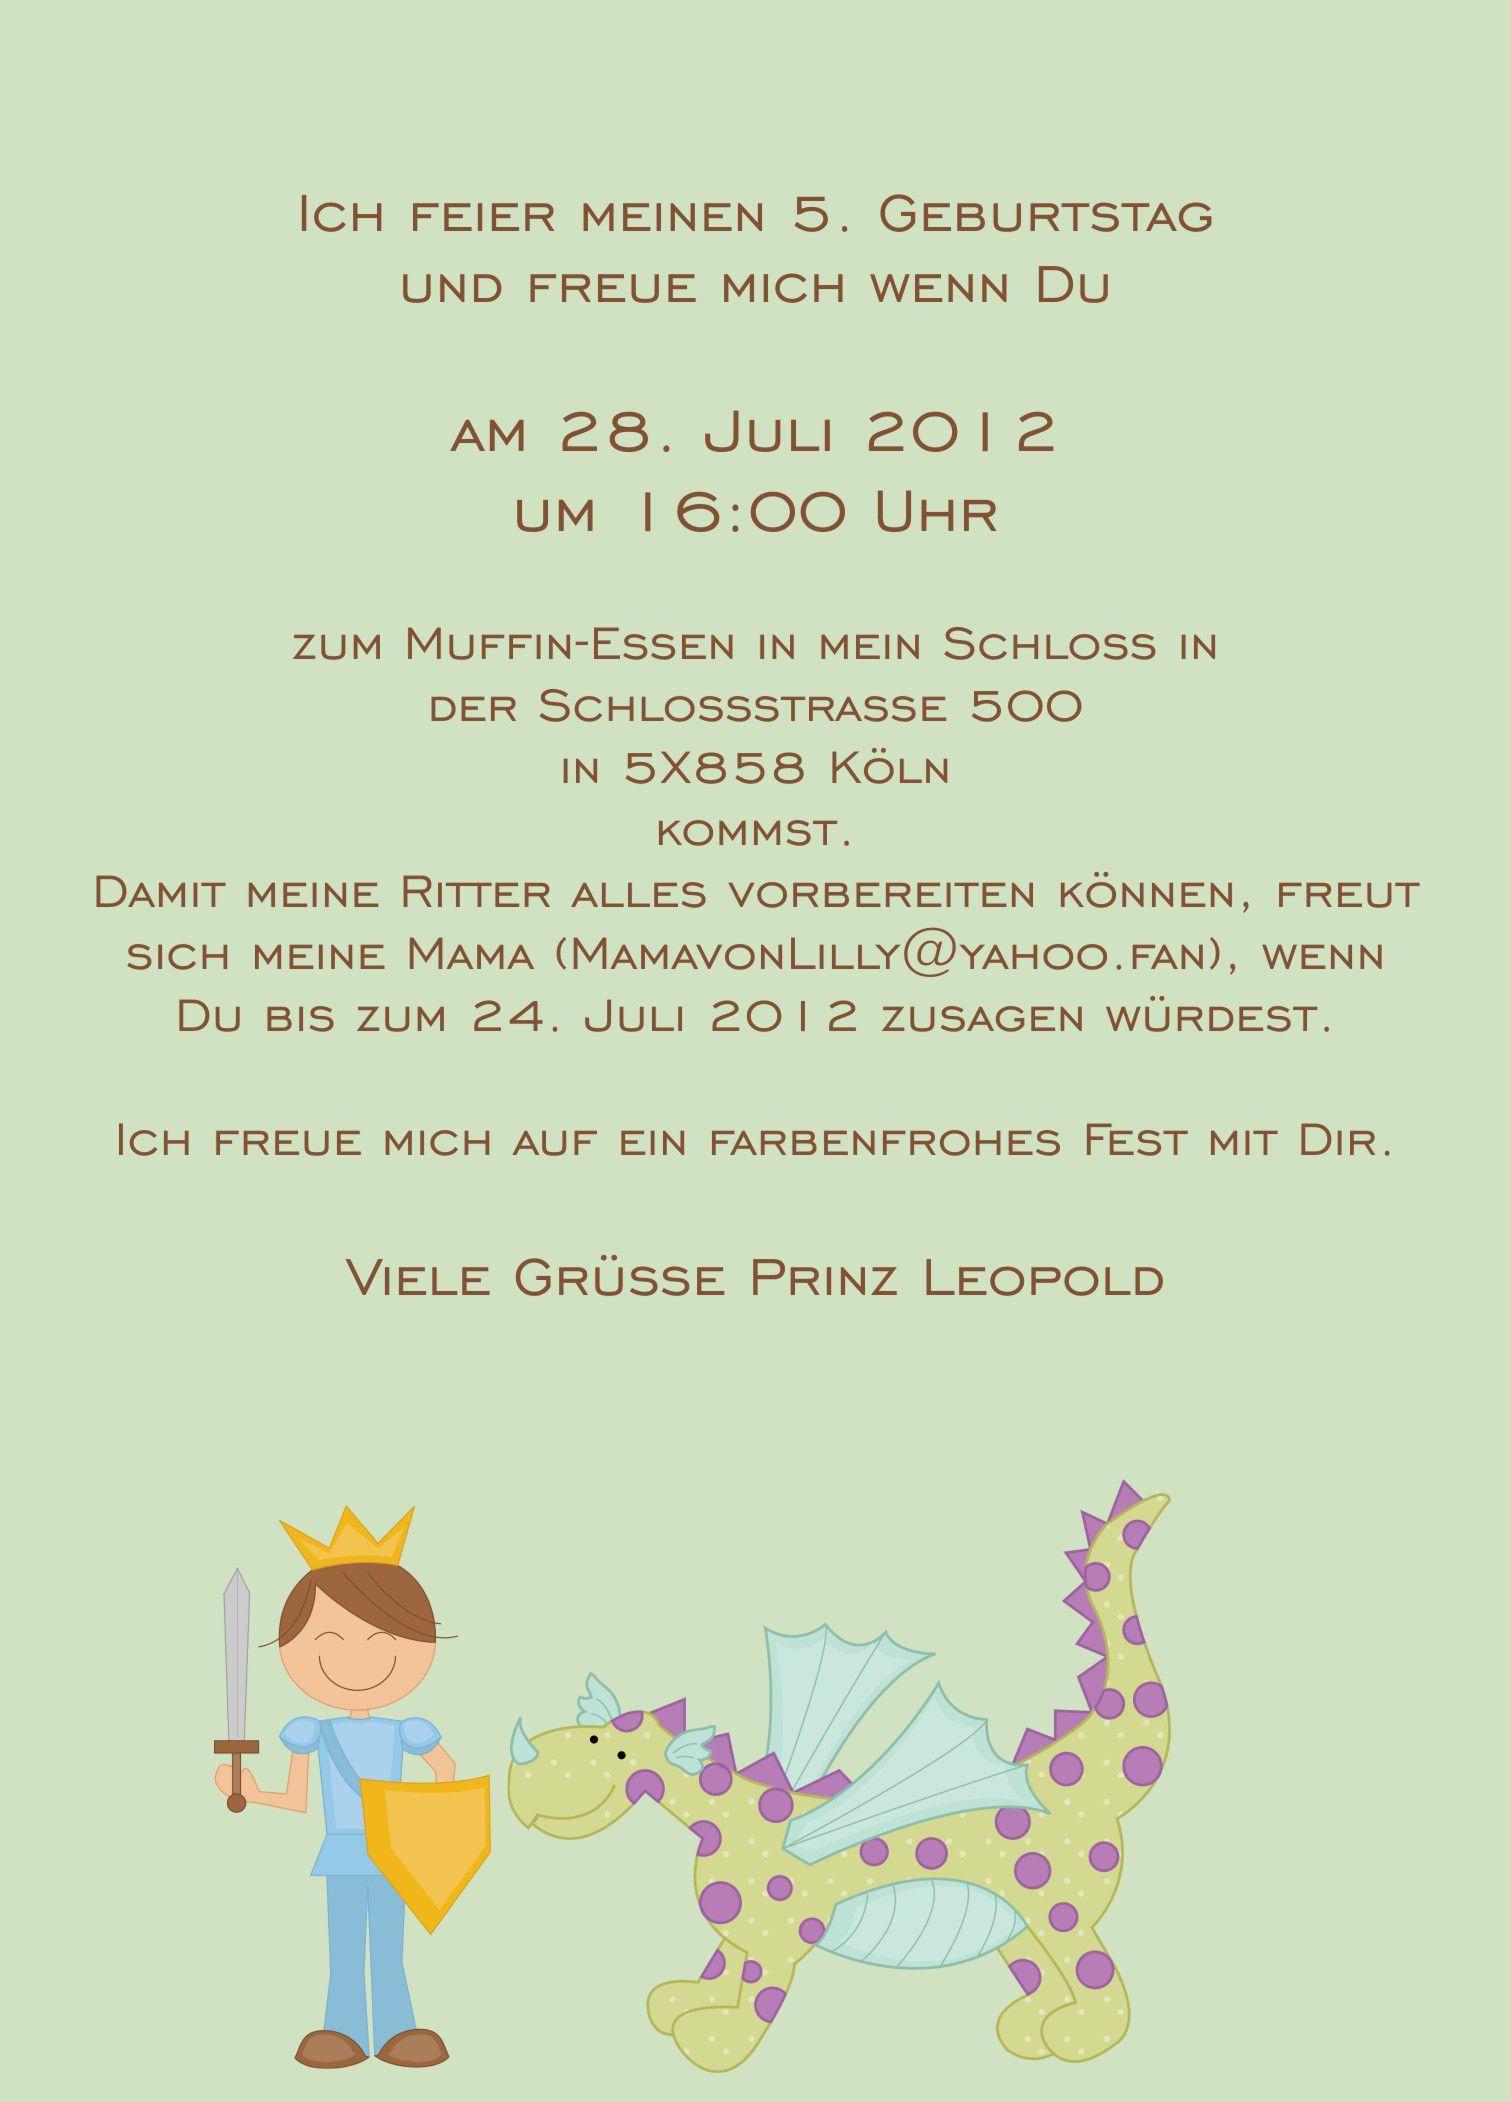 Prächtig Einladung Kindergeburtstag Text Ausdrucken | Geburtstag &UB_05